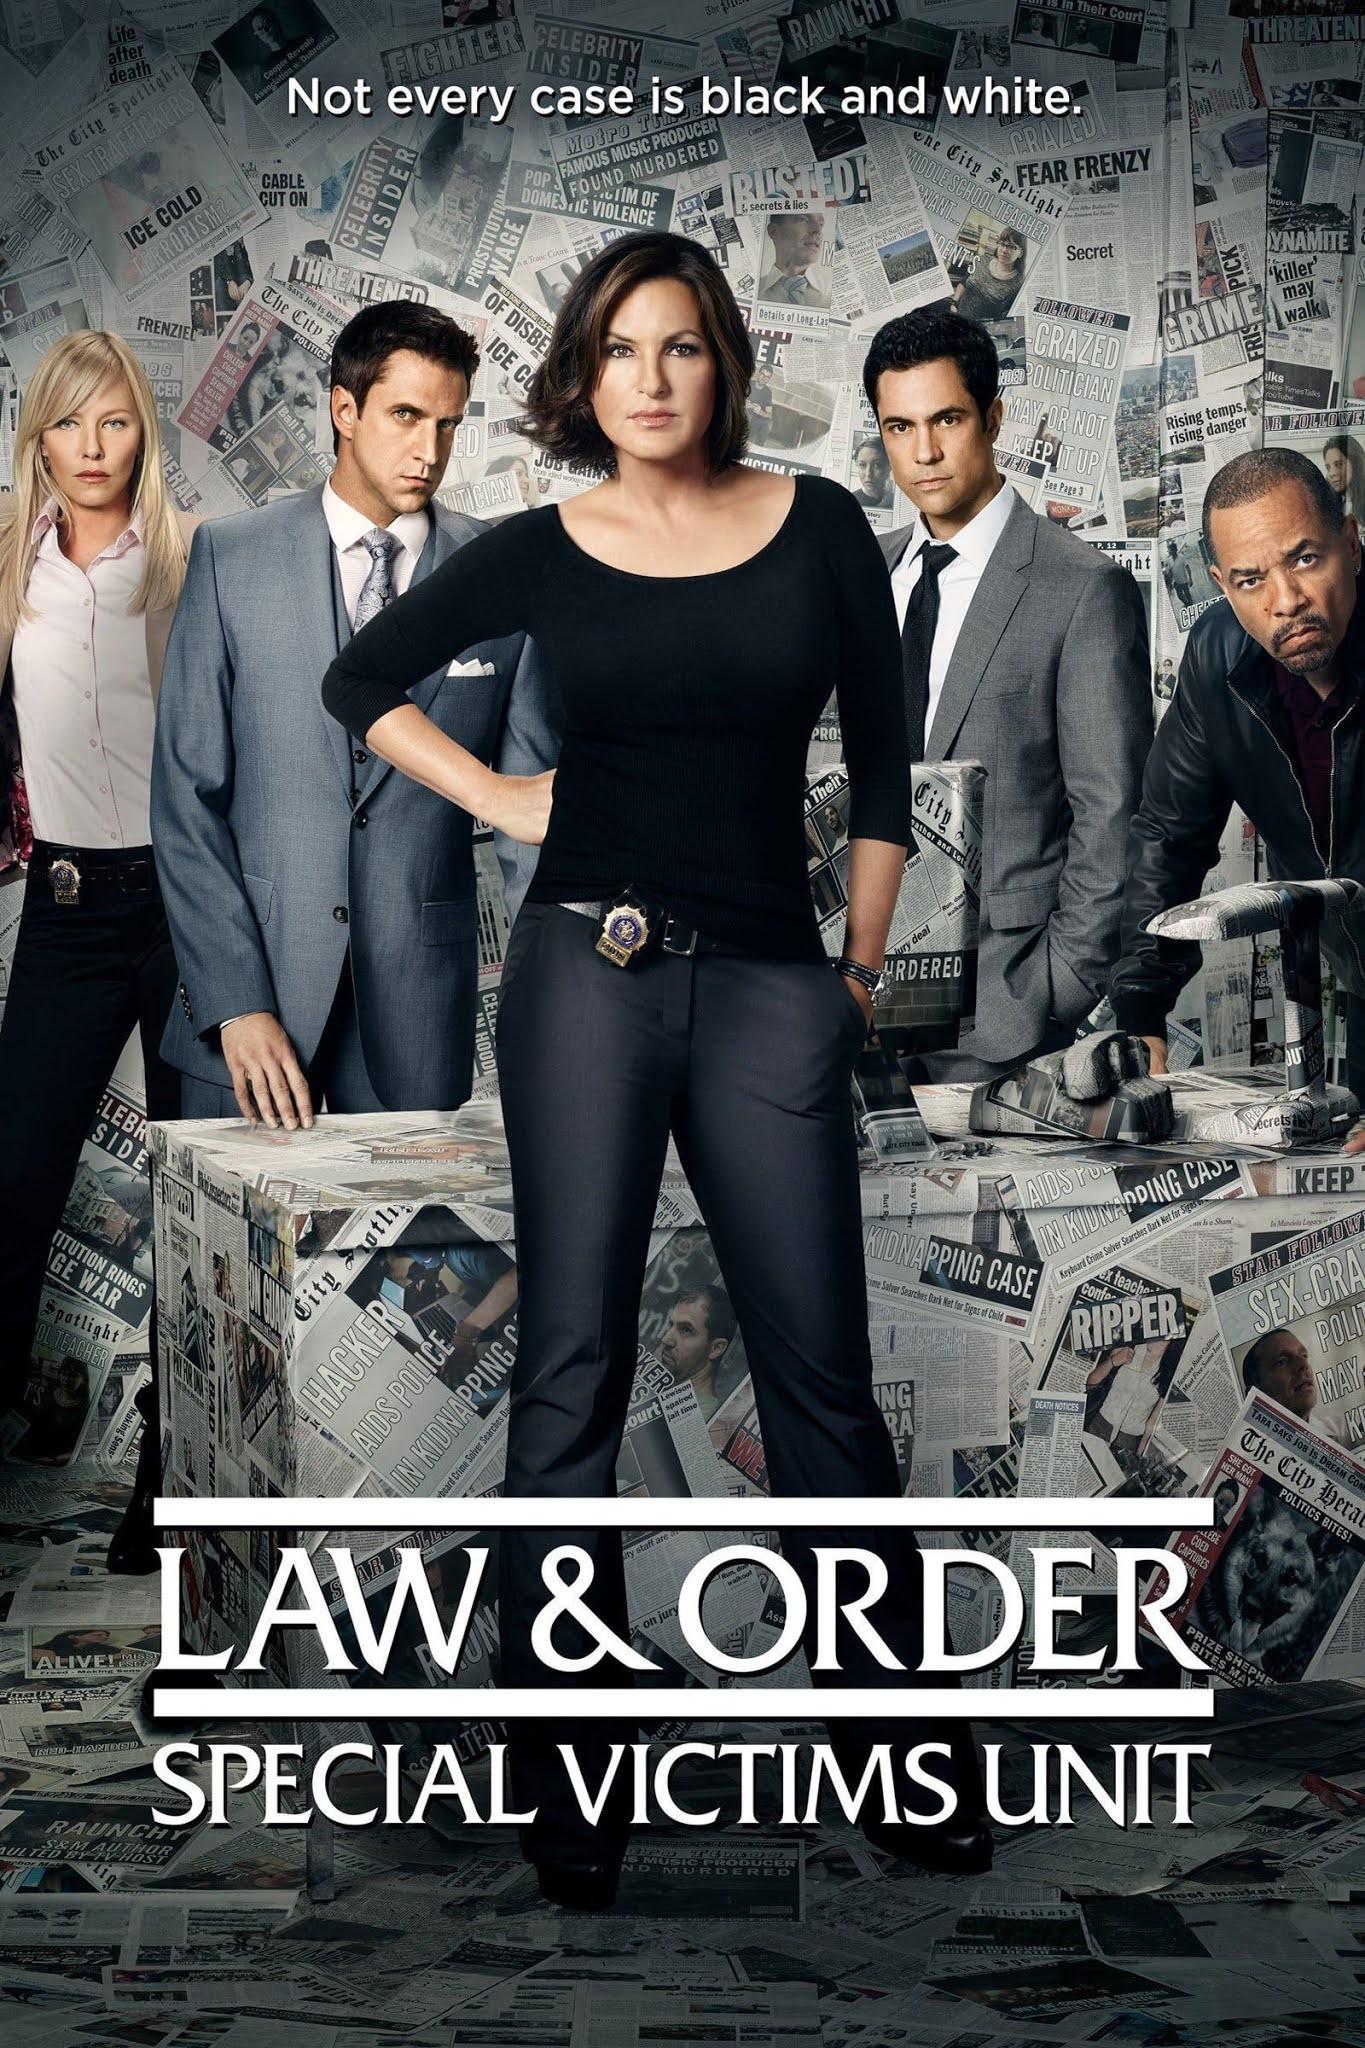 La ley y el orden: UVE (Law & Order: Special Victims Unit) Temporada 1 a la 21 Dual Latino/Ingles